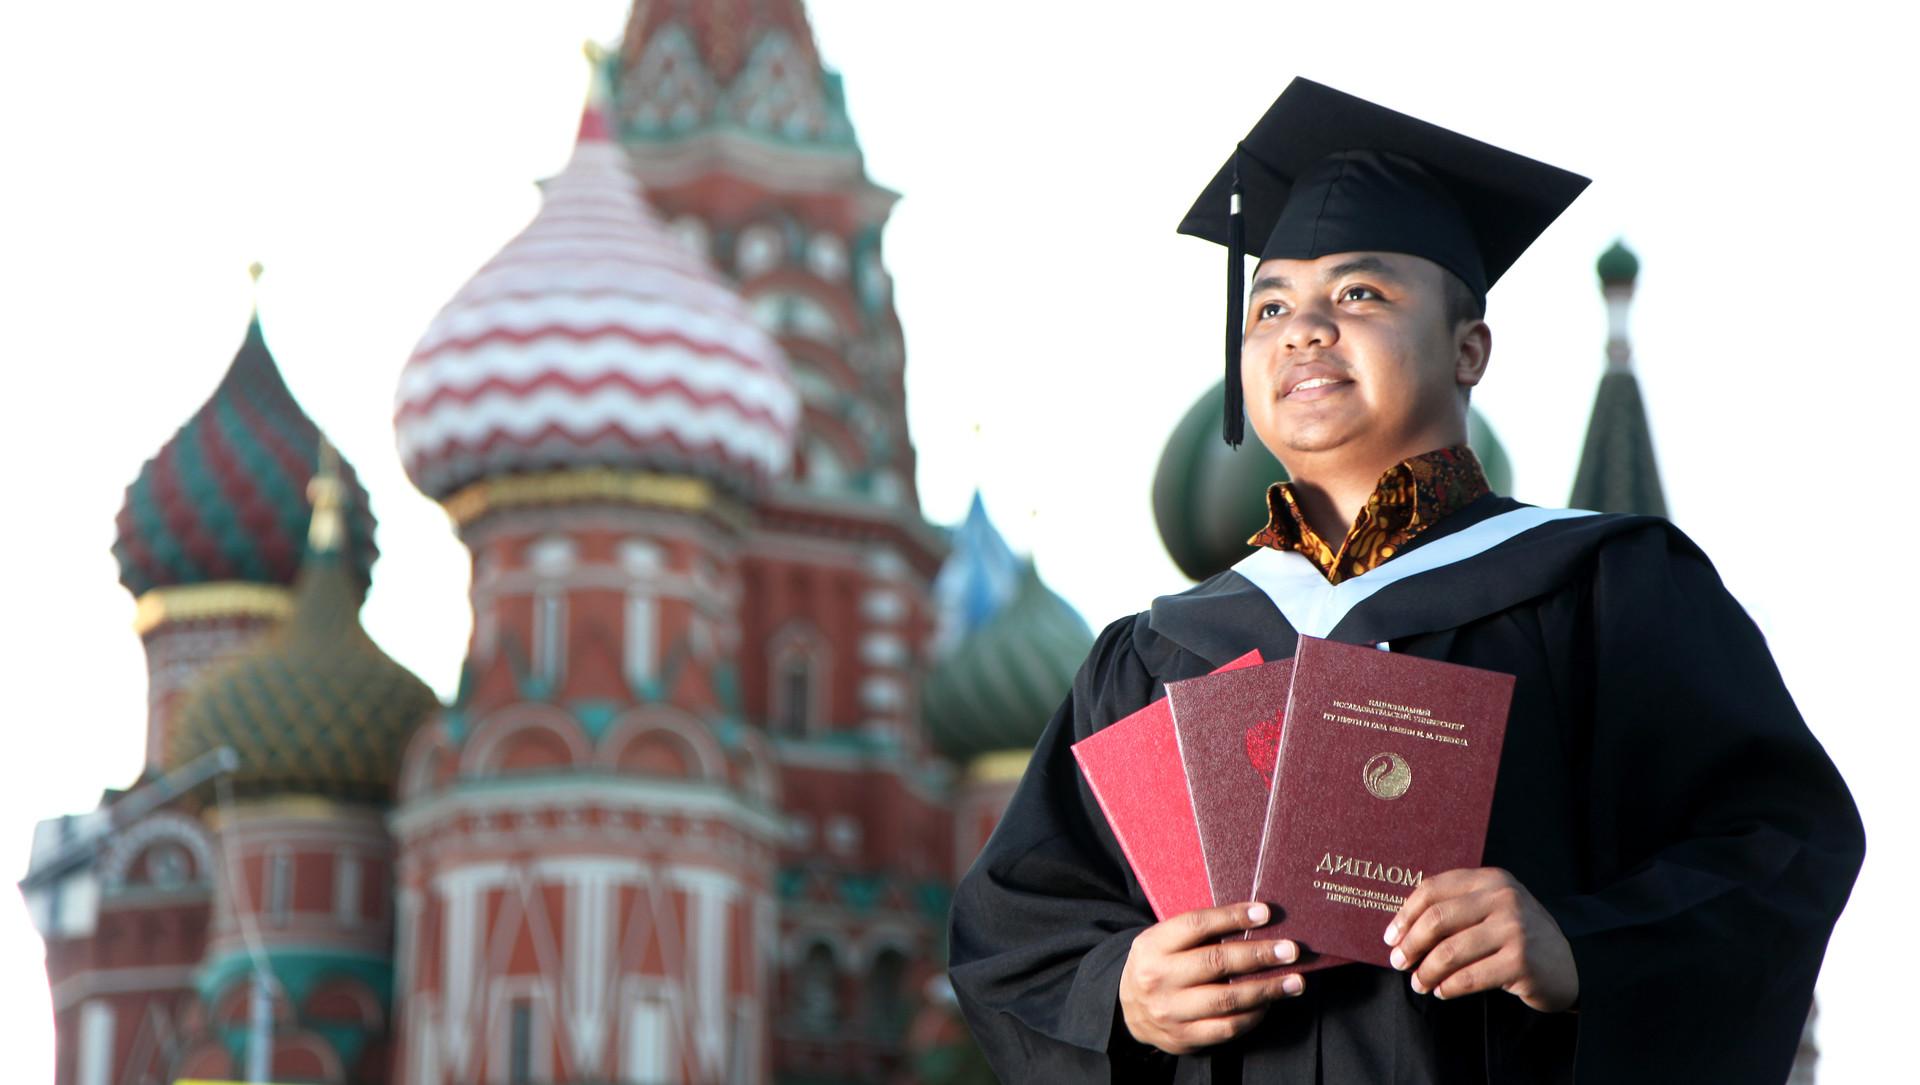 Muhammad Iksan Kiat, mahasiswa Indonesia pertama yang meraih tiga ijazah merah (lulus dengan predikat cum laude) di Rusia.